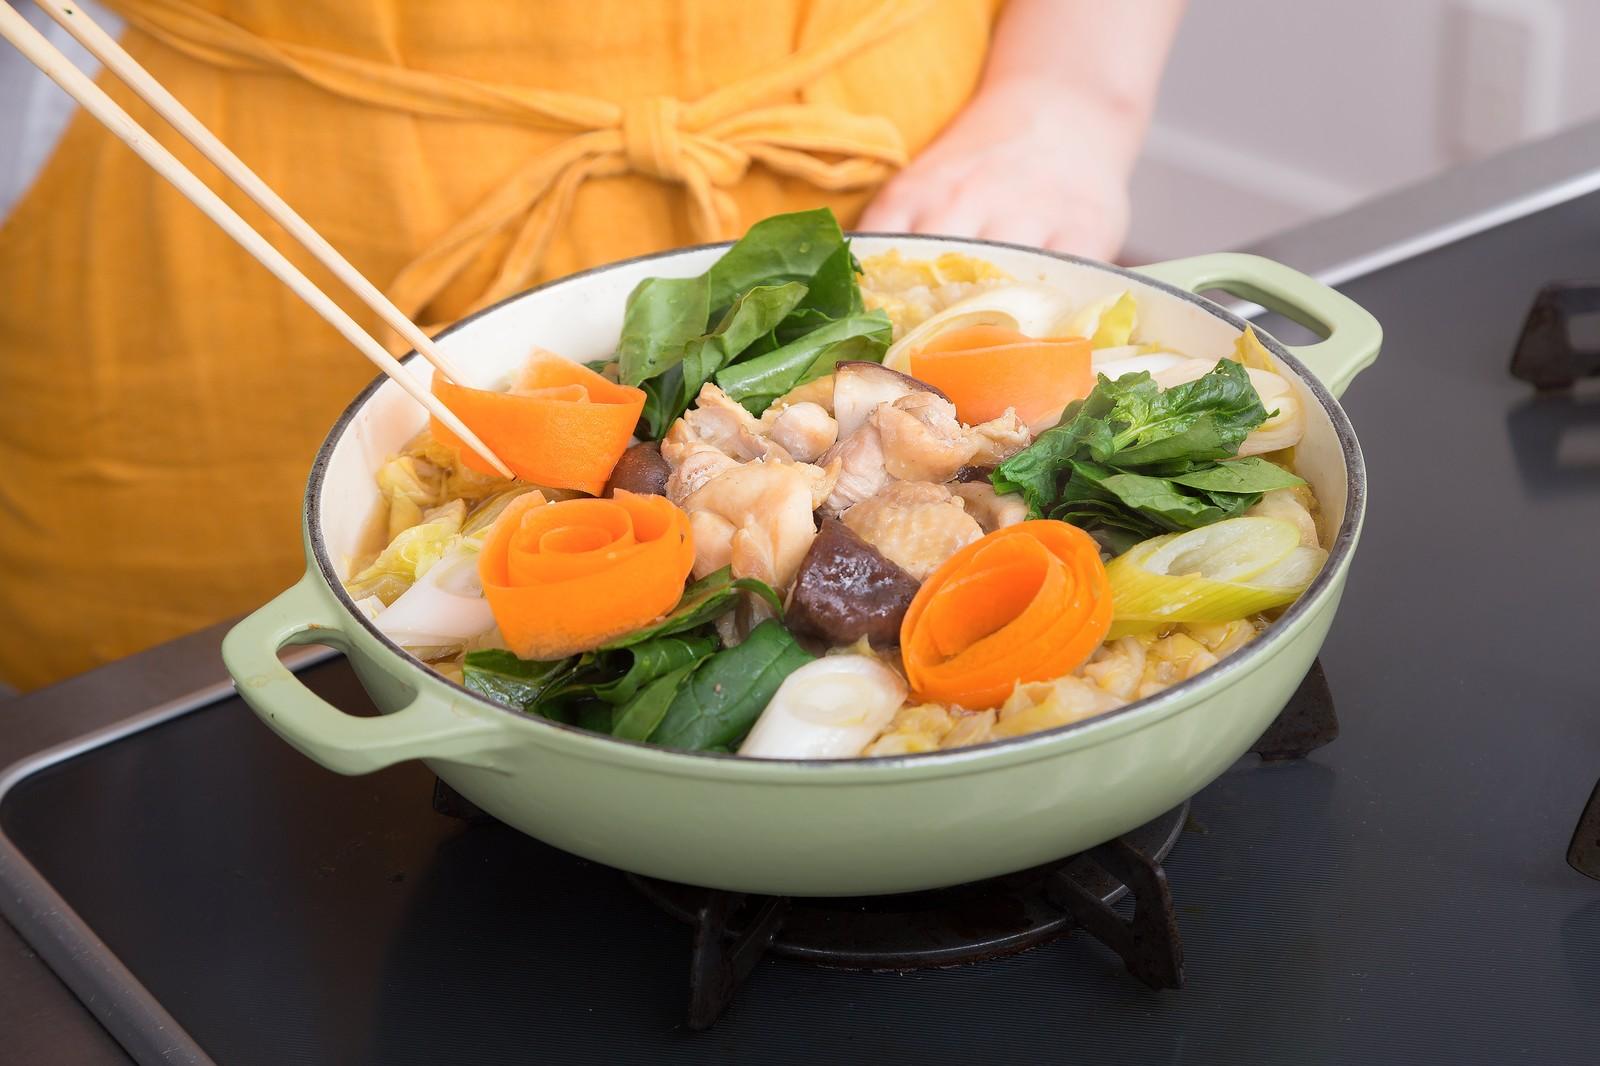 体を温める「温活」始めよう!美容効果期待大の鍋&温デザートとは?